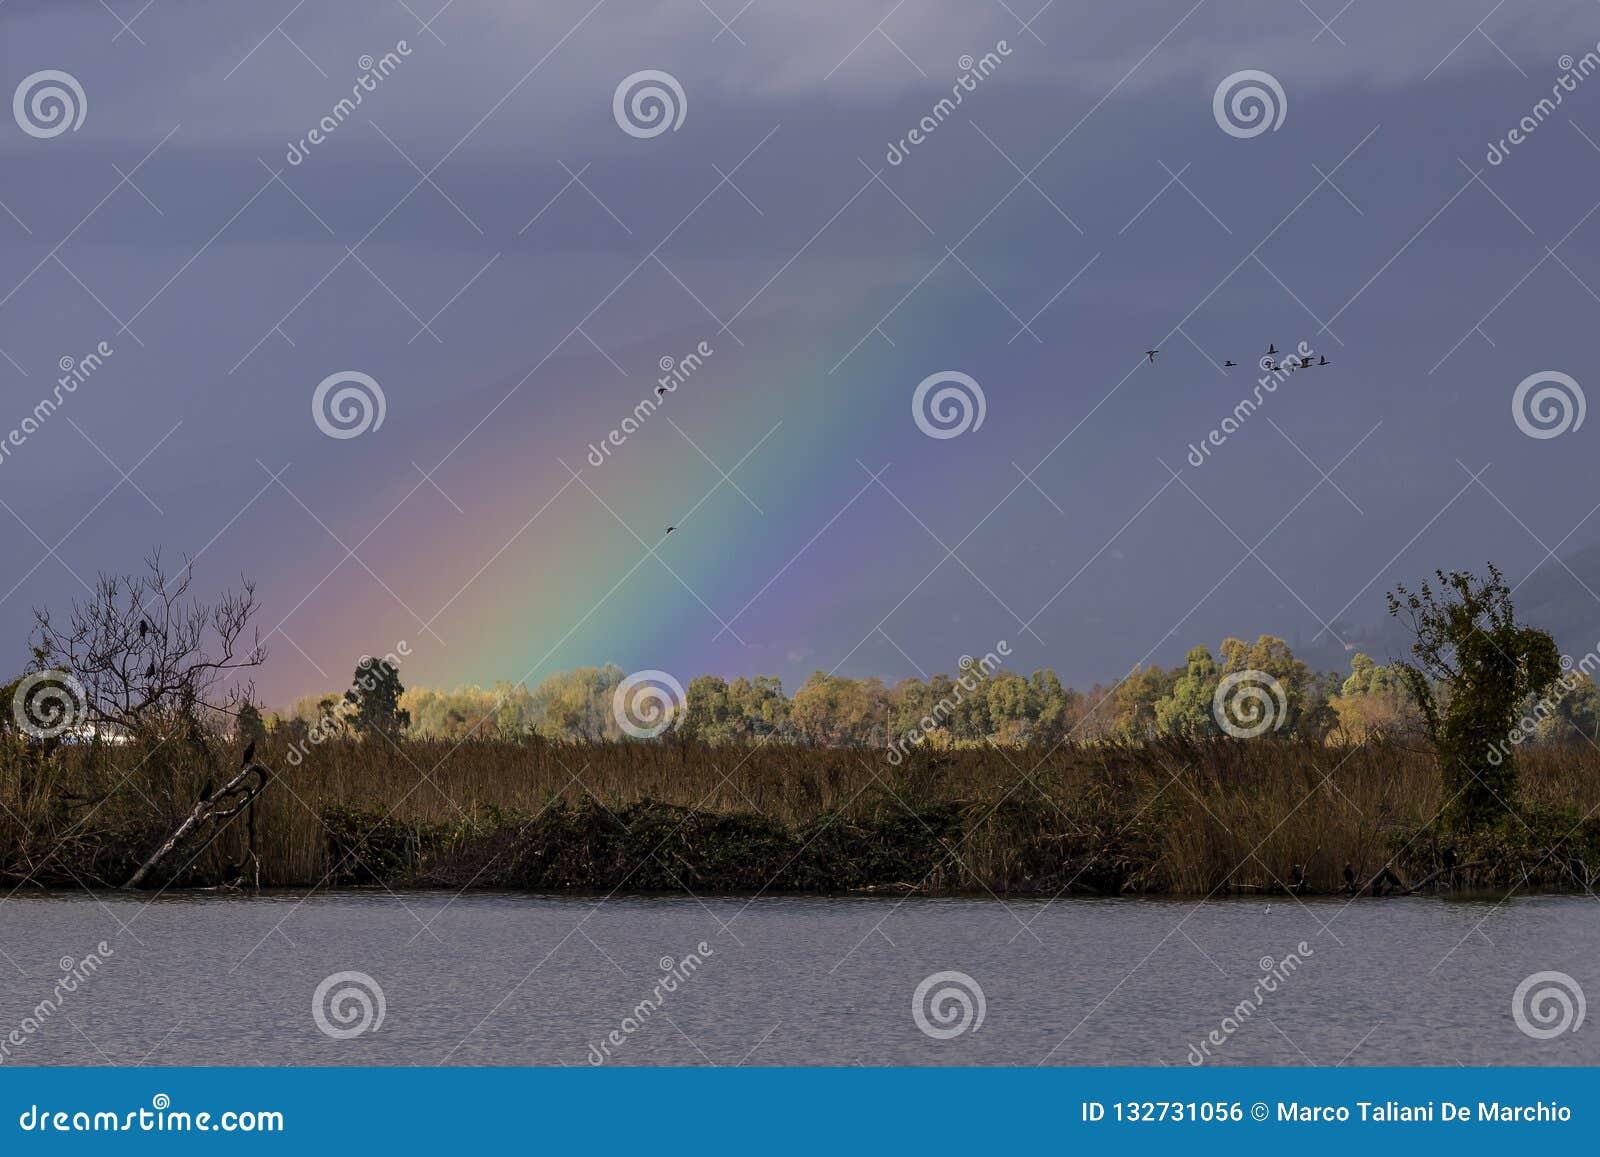 Mengen von Vögeln fliegen in einen Himmel, der durch einen schönen Regenbogen, See Massaciuccoli, Toskana, Italien belichtet wird